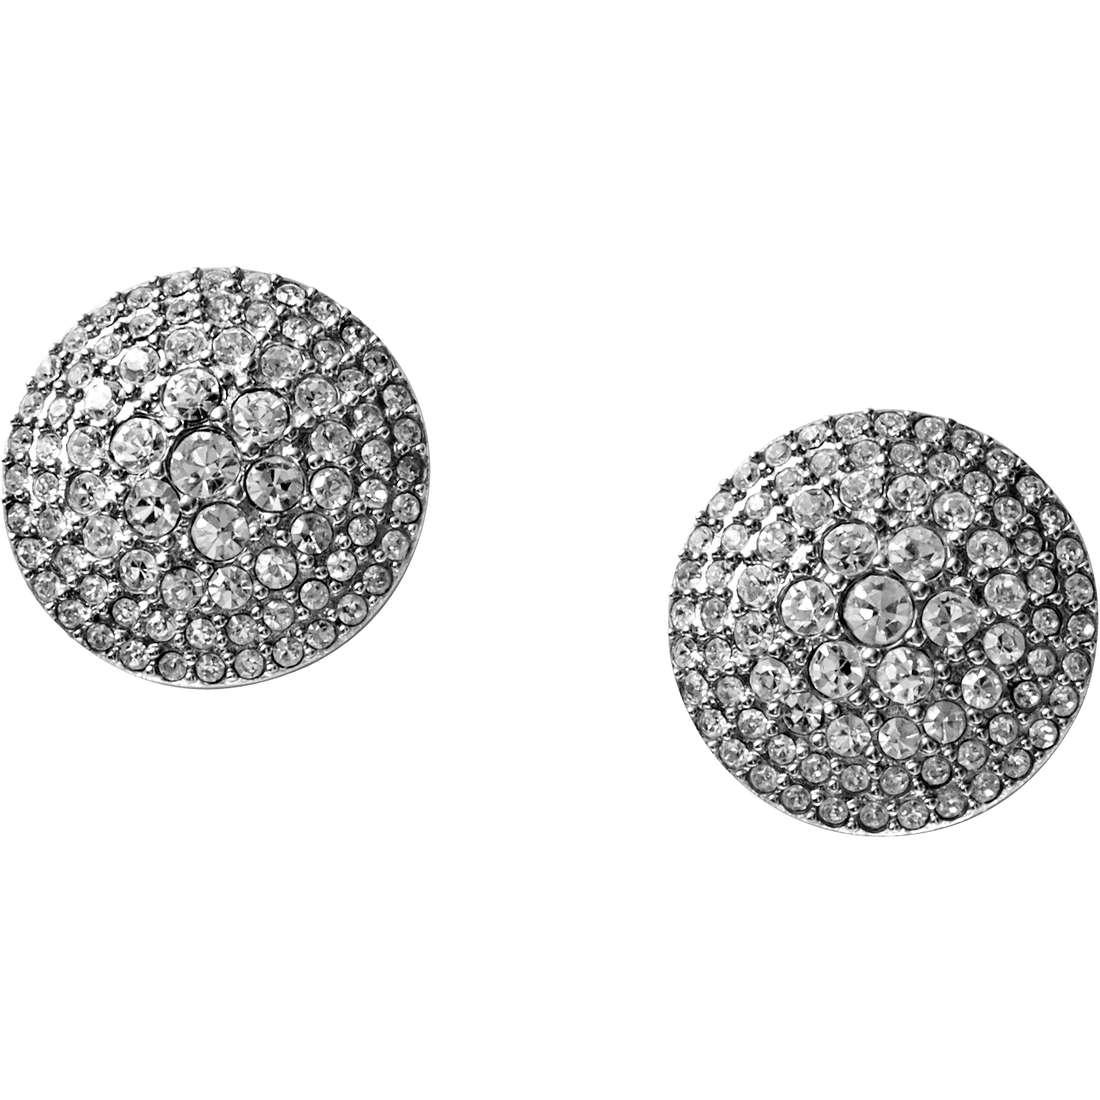 orecchini donna gioielli Fossil JF00197040